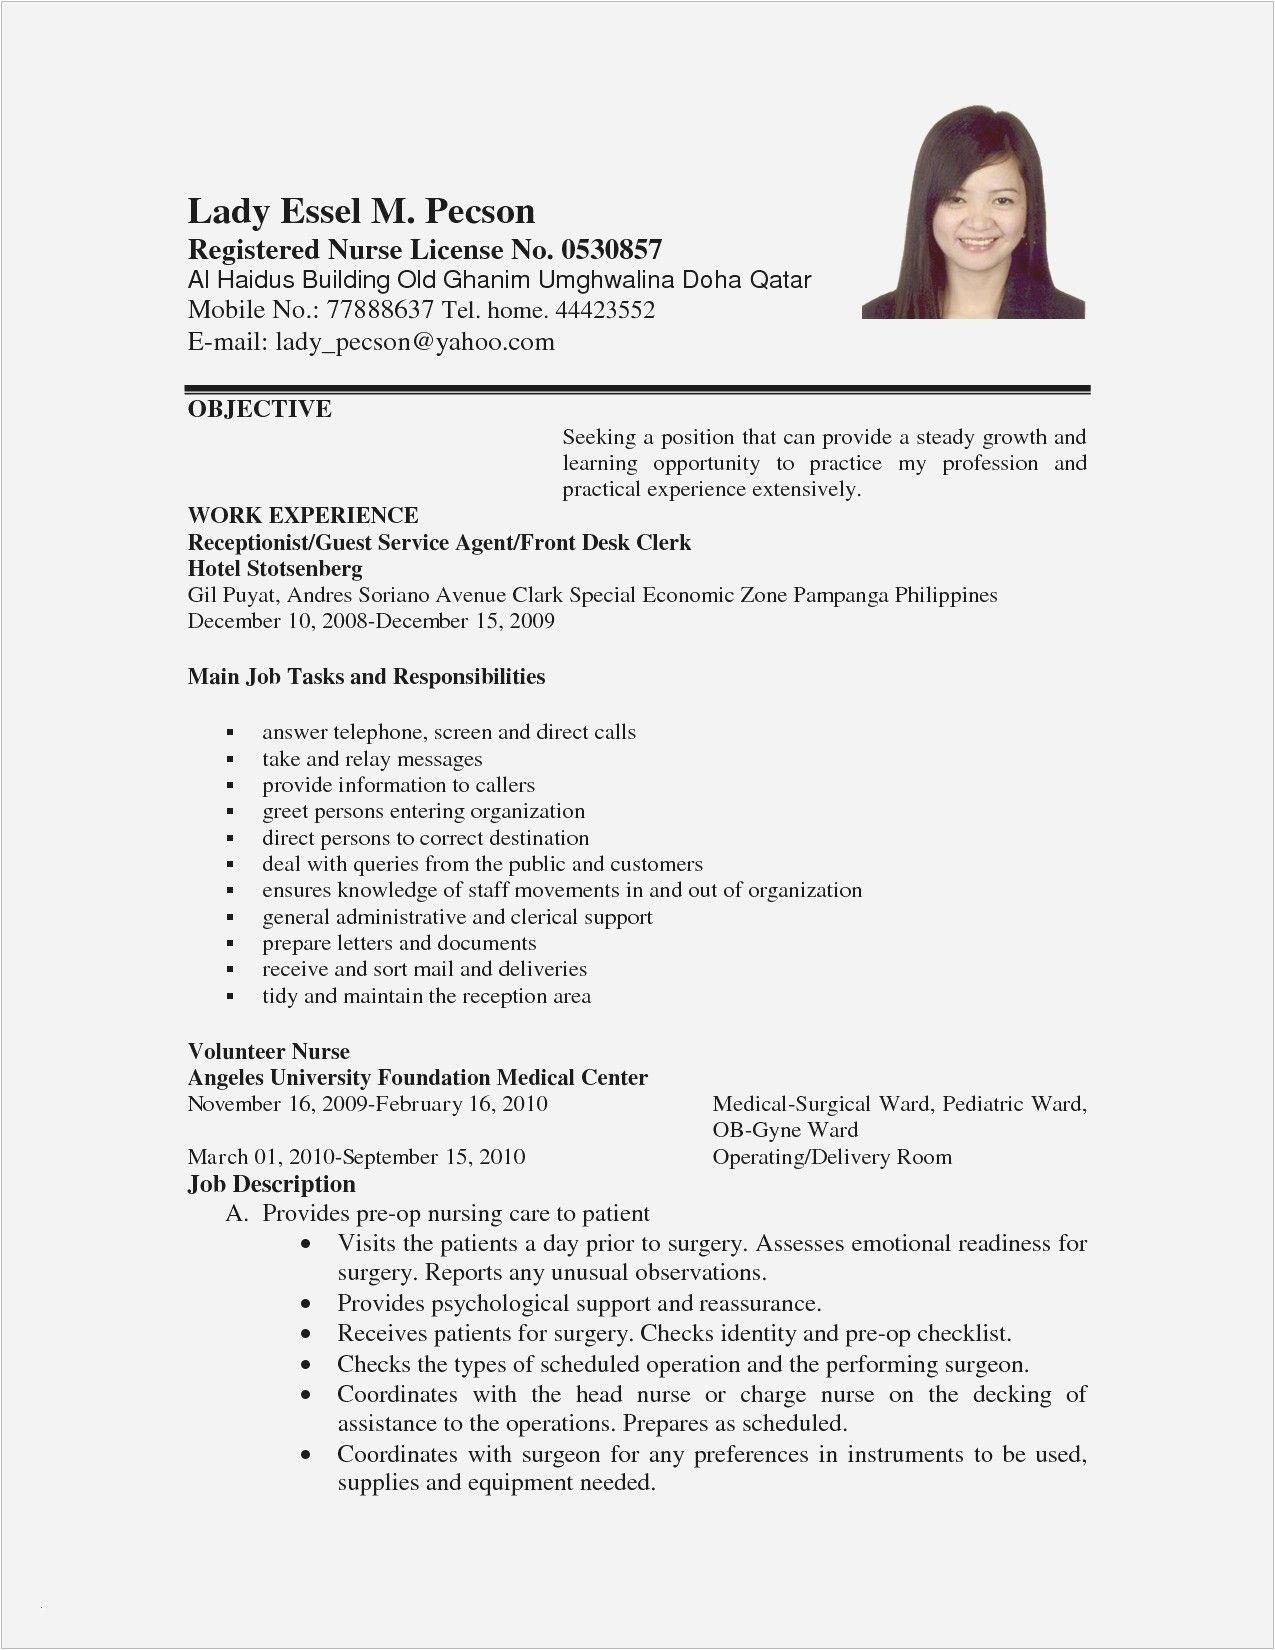 Sample Of Resume Letter for Applying A Job Download New Sample Resume Letter for Job Lettersample